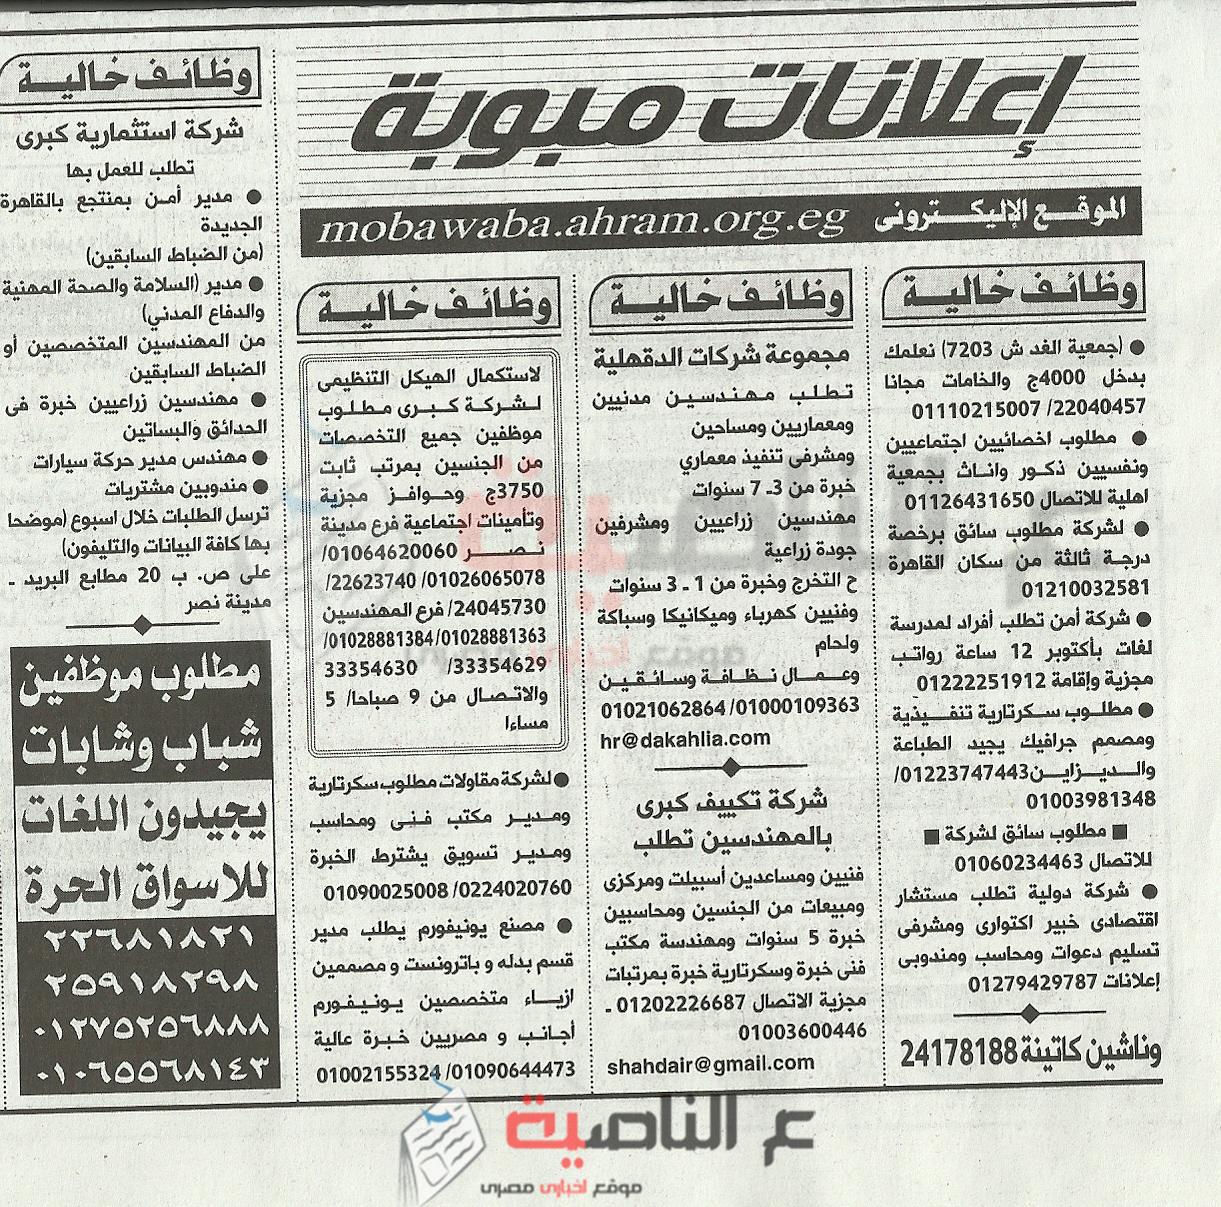 6وظائف جريدة الأهرام 3-4-2016